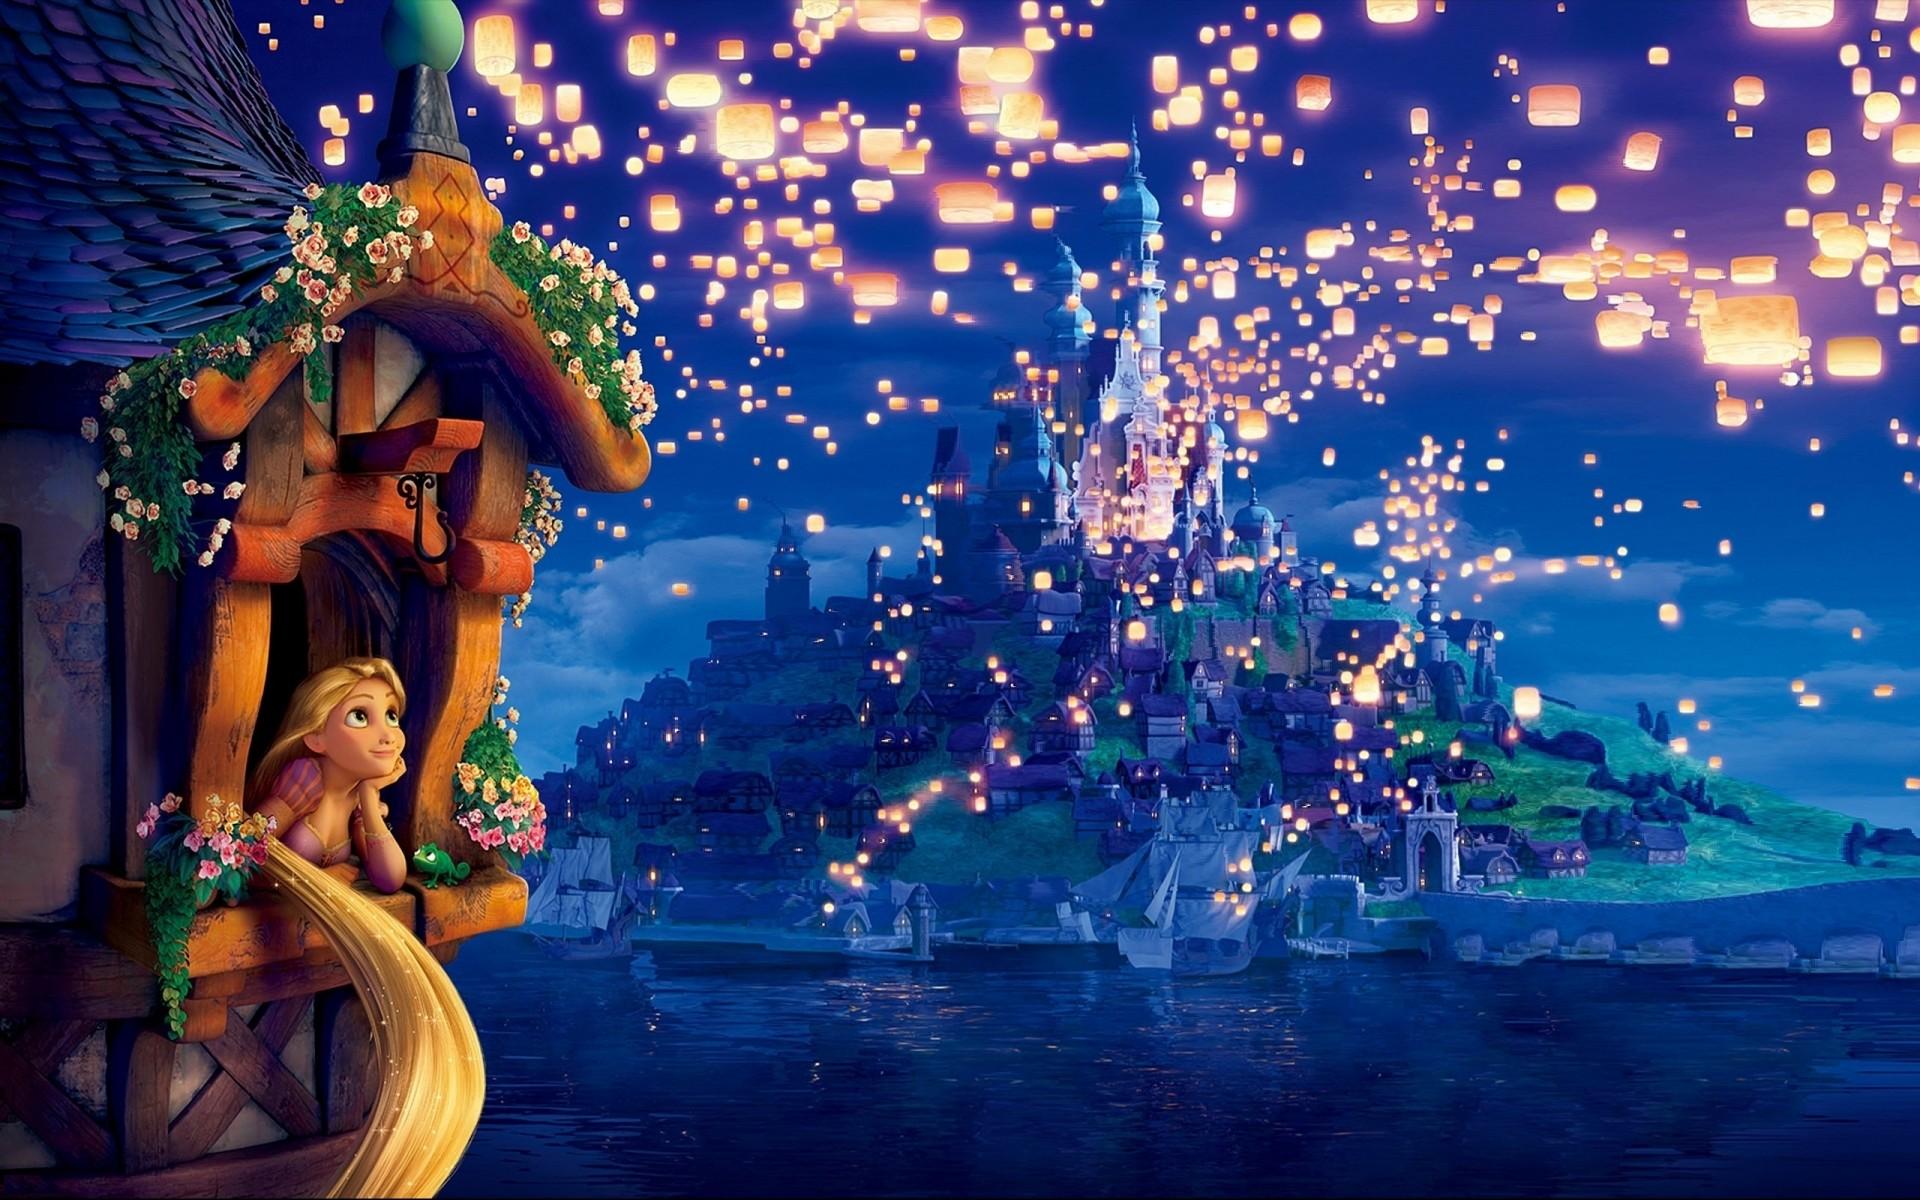 Thomas Kinkade Disney Wallpaper Tangled Thomas kinkade